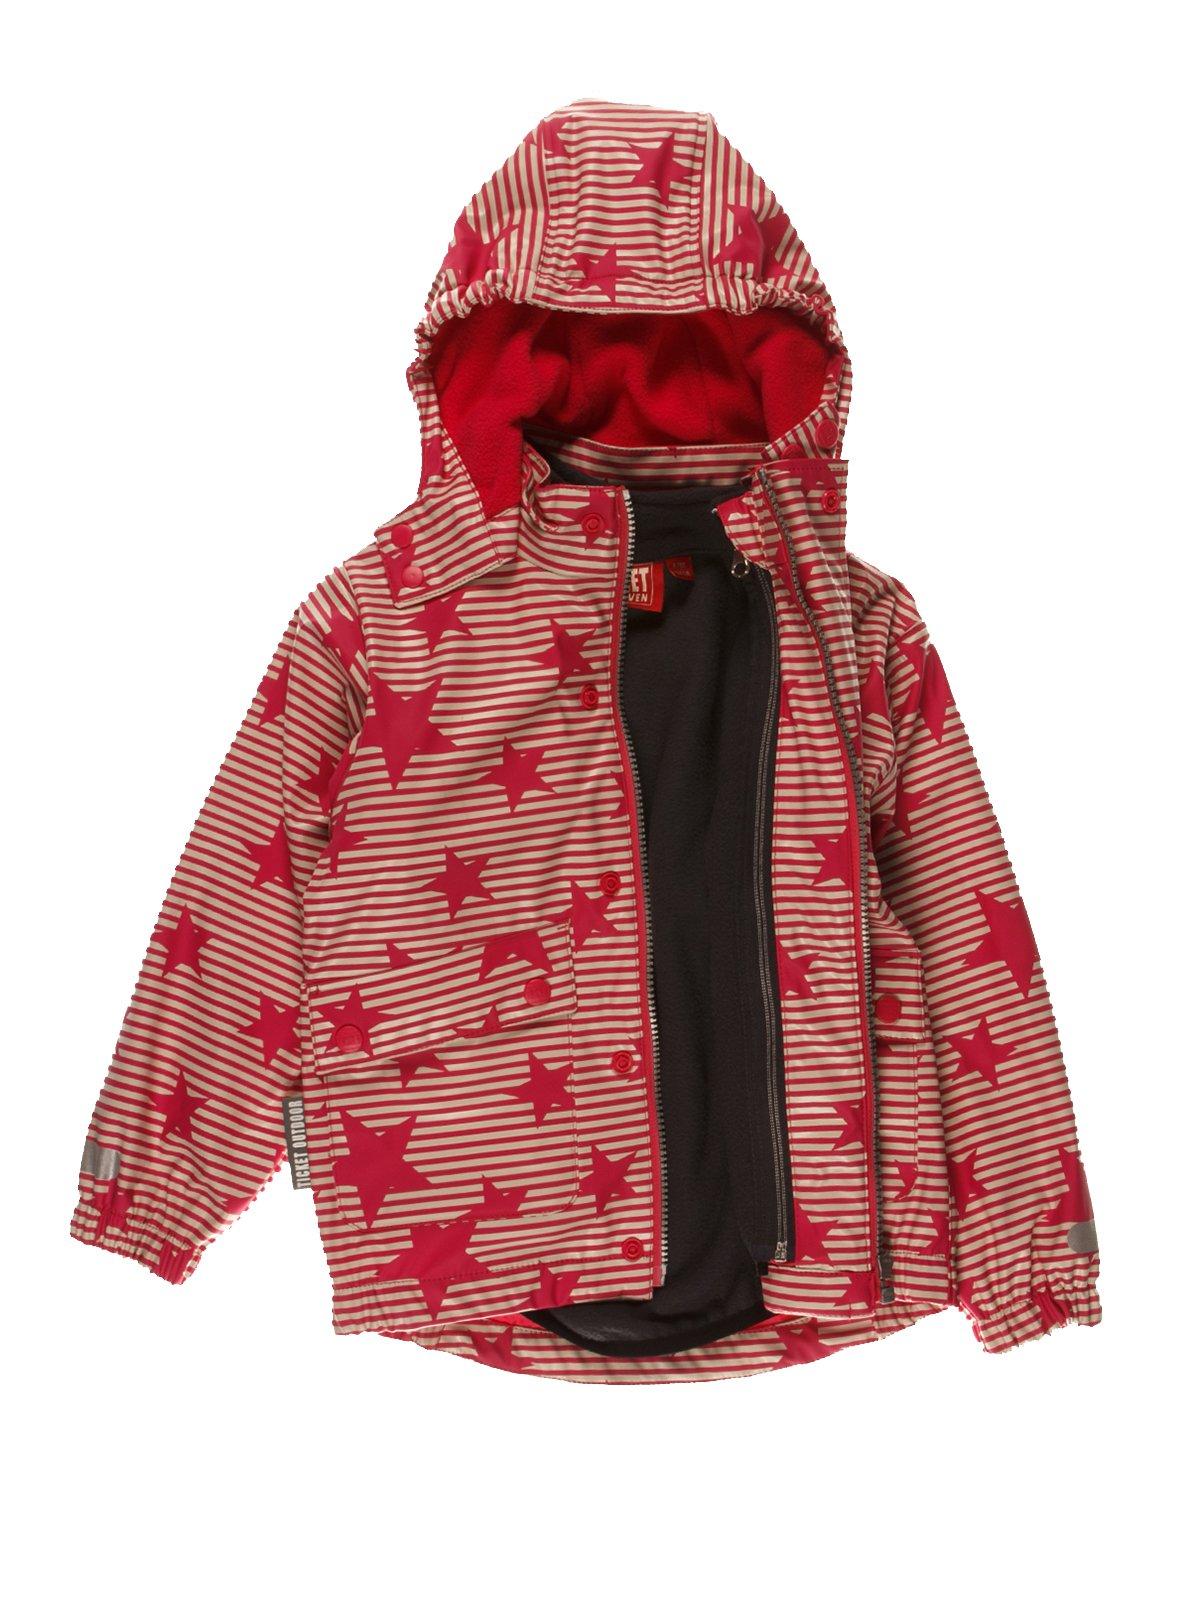 Термокуртка красная в полоску и звезды | 3878996 | фото 3